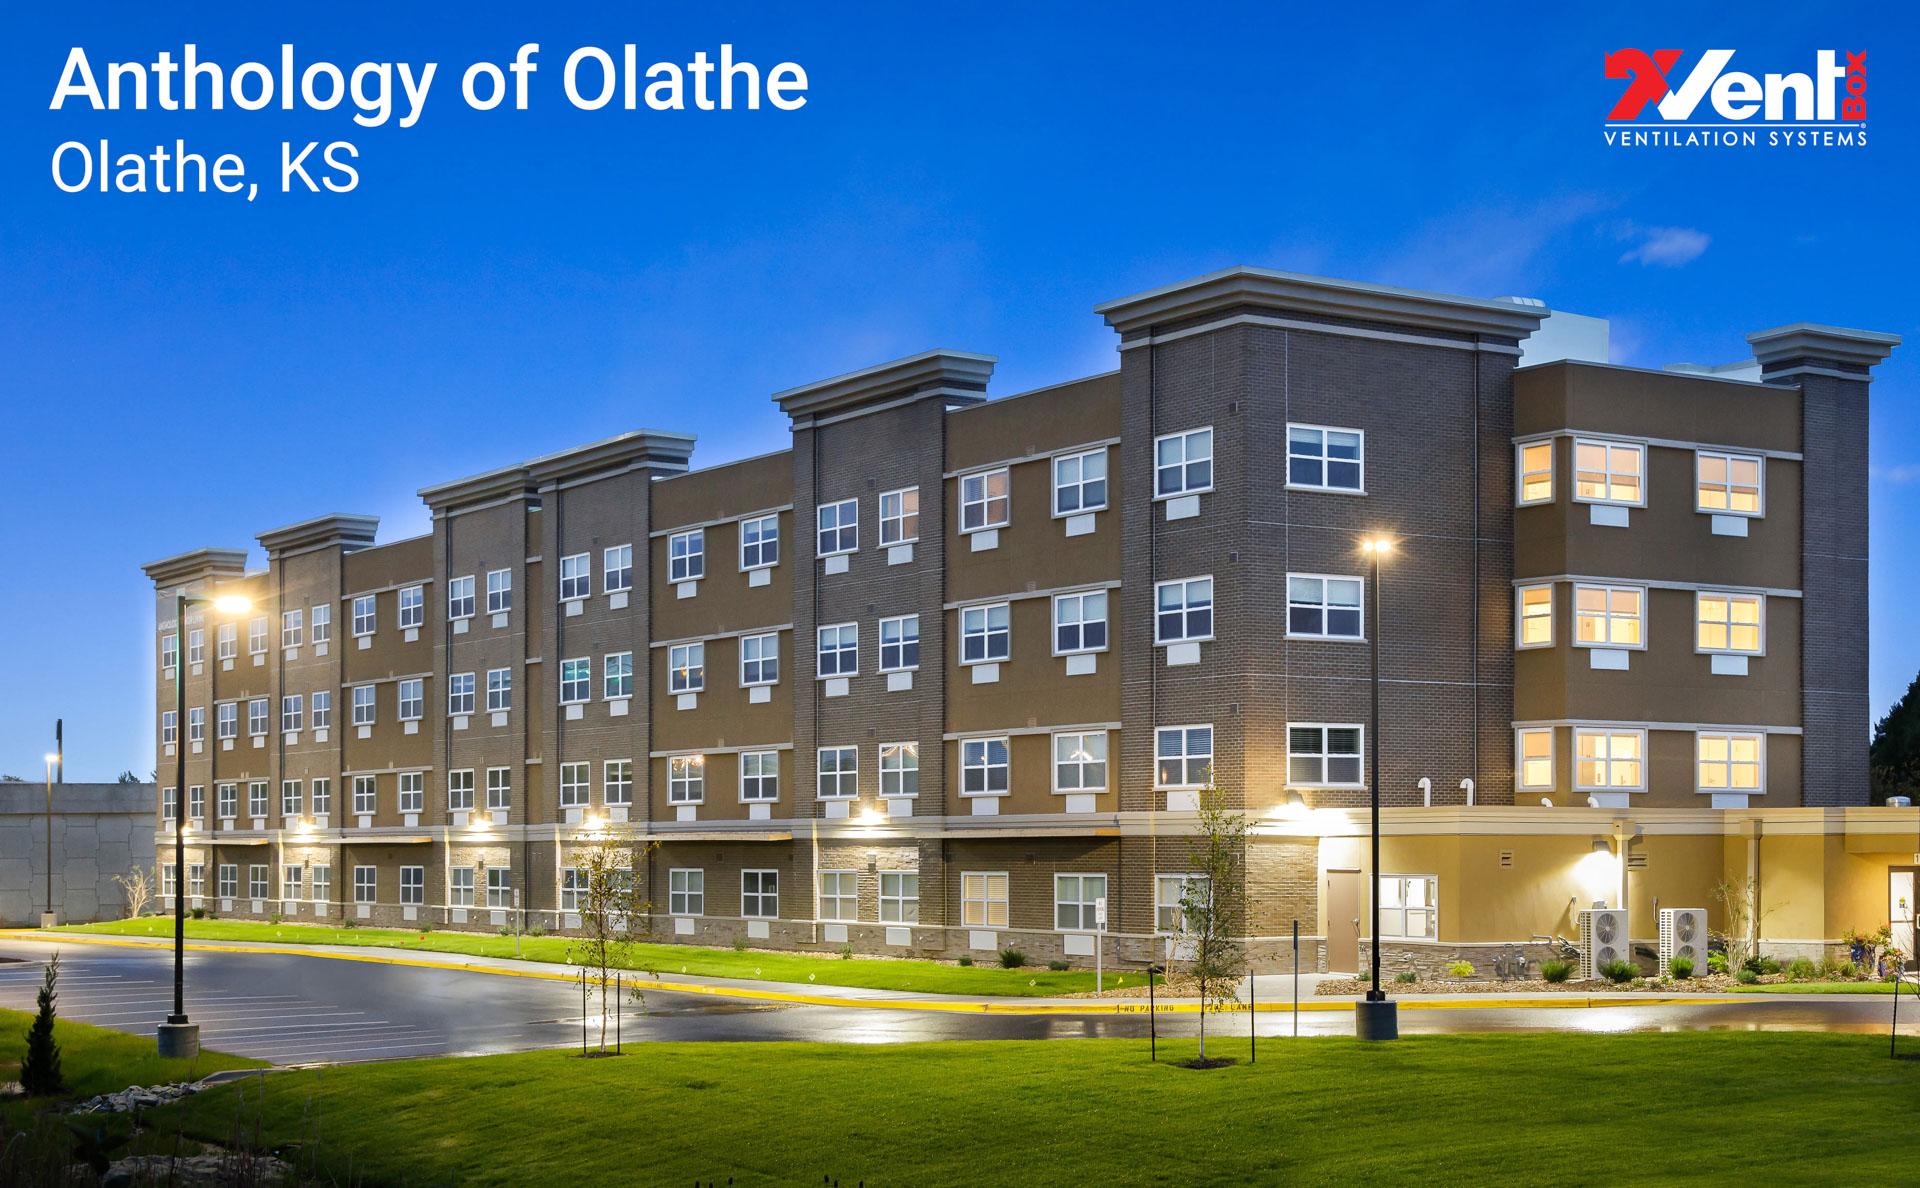 Anthology of Olathe